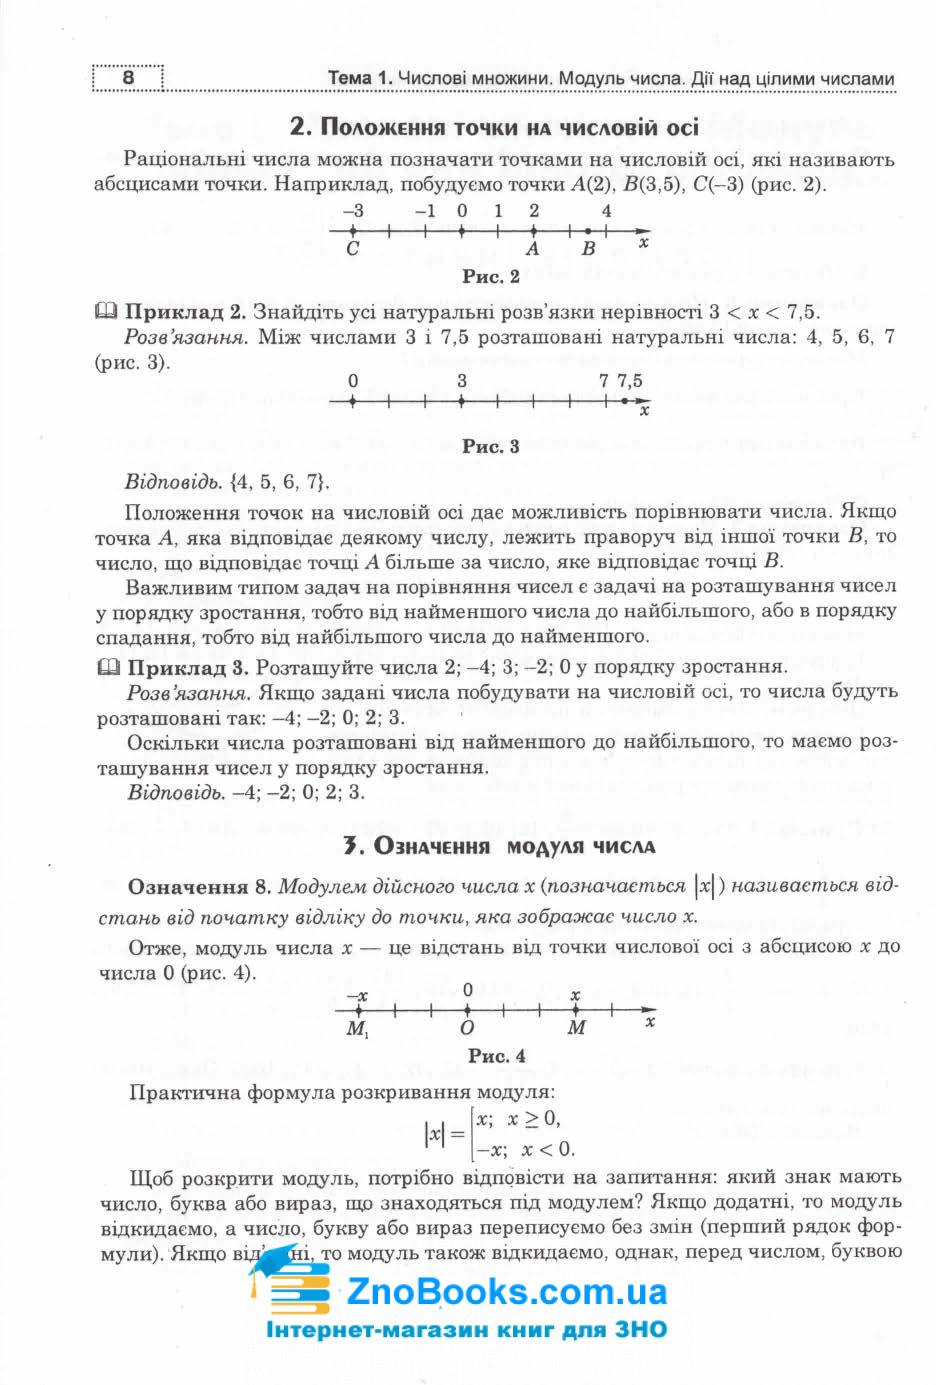 Клочко І. Математика ЗНО 2021. Алгебра рівень стандарту. Частина 1 :  Навчальна книга - Богдан. 6